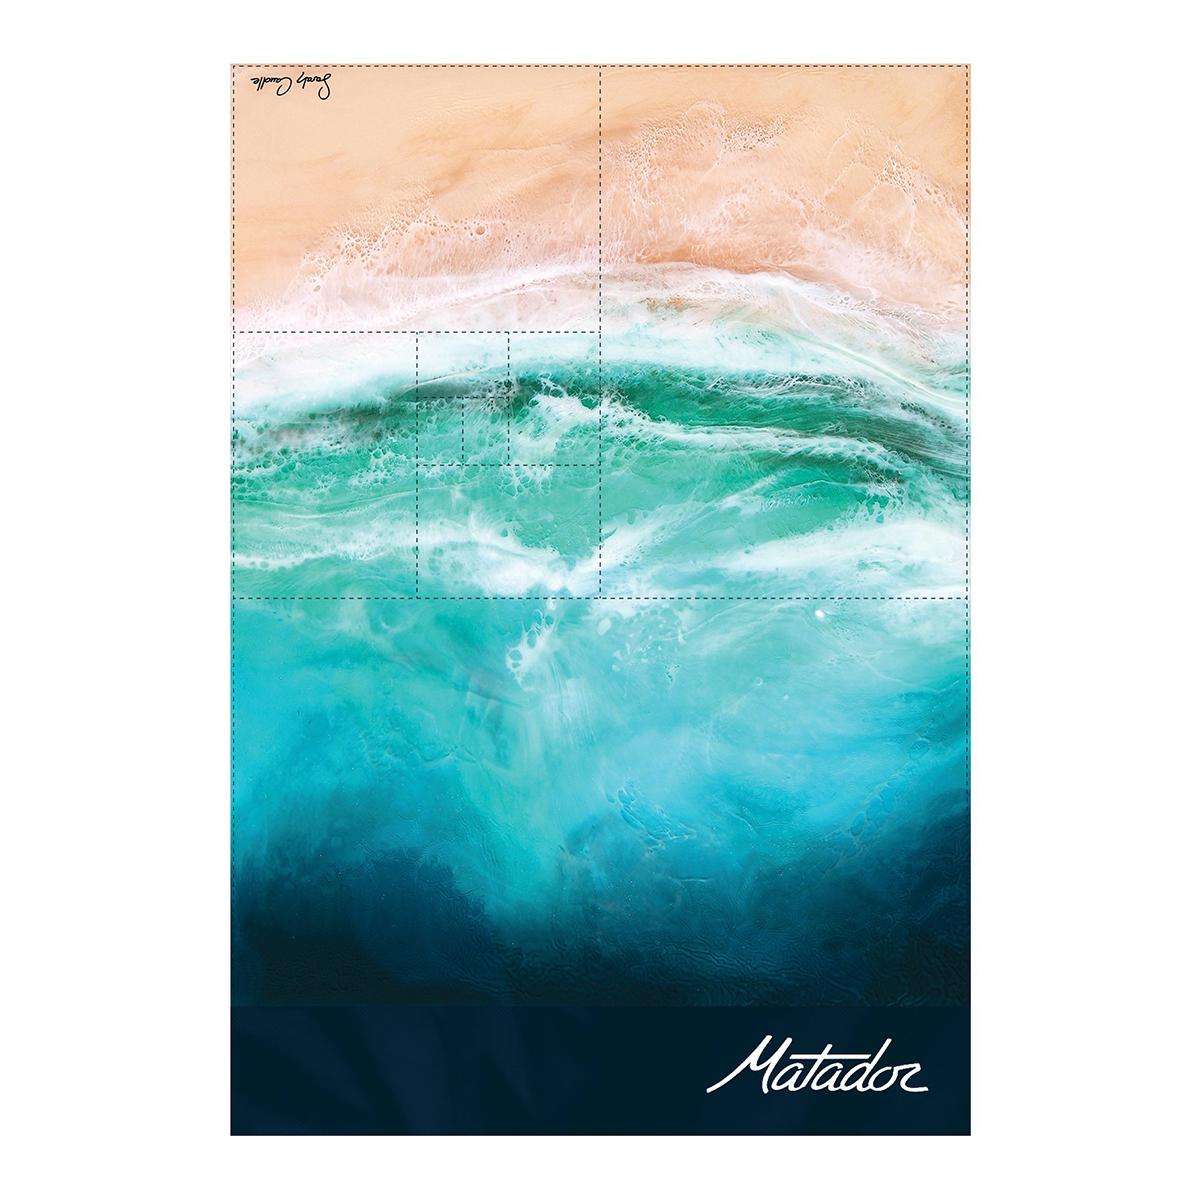 手のひらサイズになる大容量バッグ 《2019年限定モデル/2〜4人用》広げるだけで、どこでもビーチ気分!手のひらサイズにたためる撥水仕様のレジャーシート「OCEAN」 Matador POCKET BLANKET